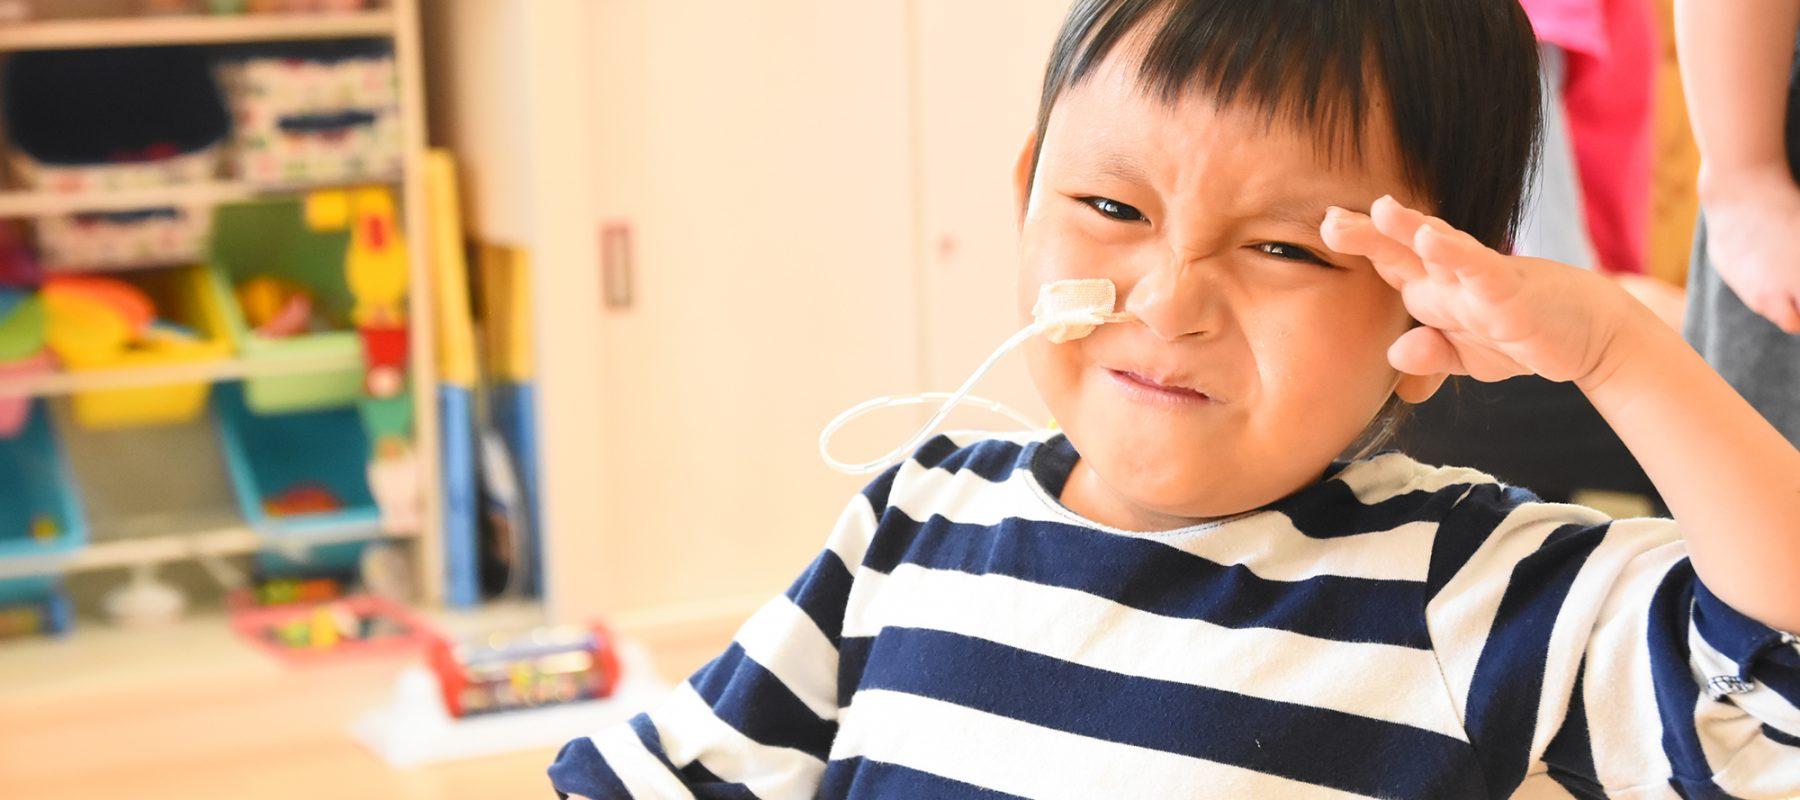 求人情報】障害児保育ヘレン・作業療法士 | フローレンスの障害児保育 ...